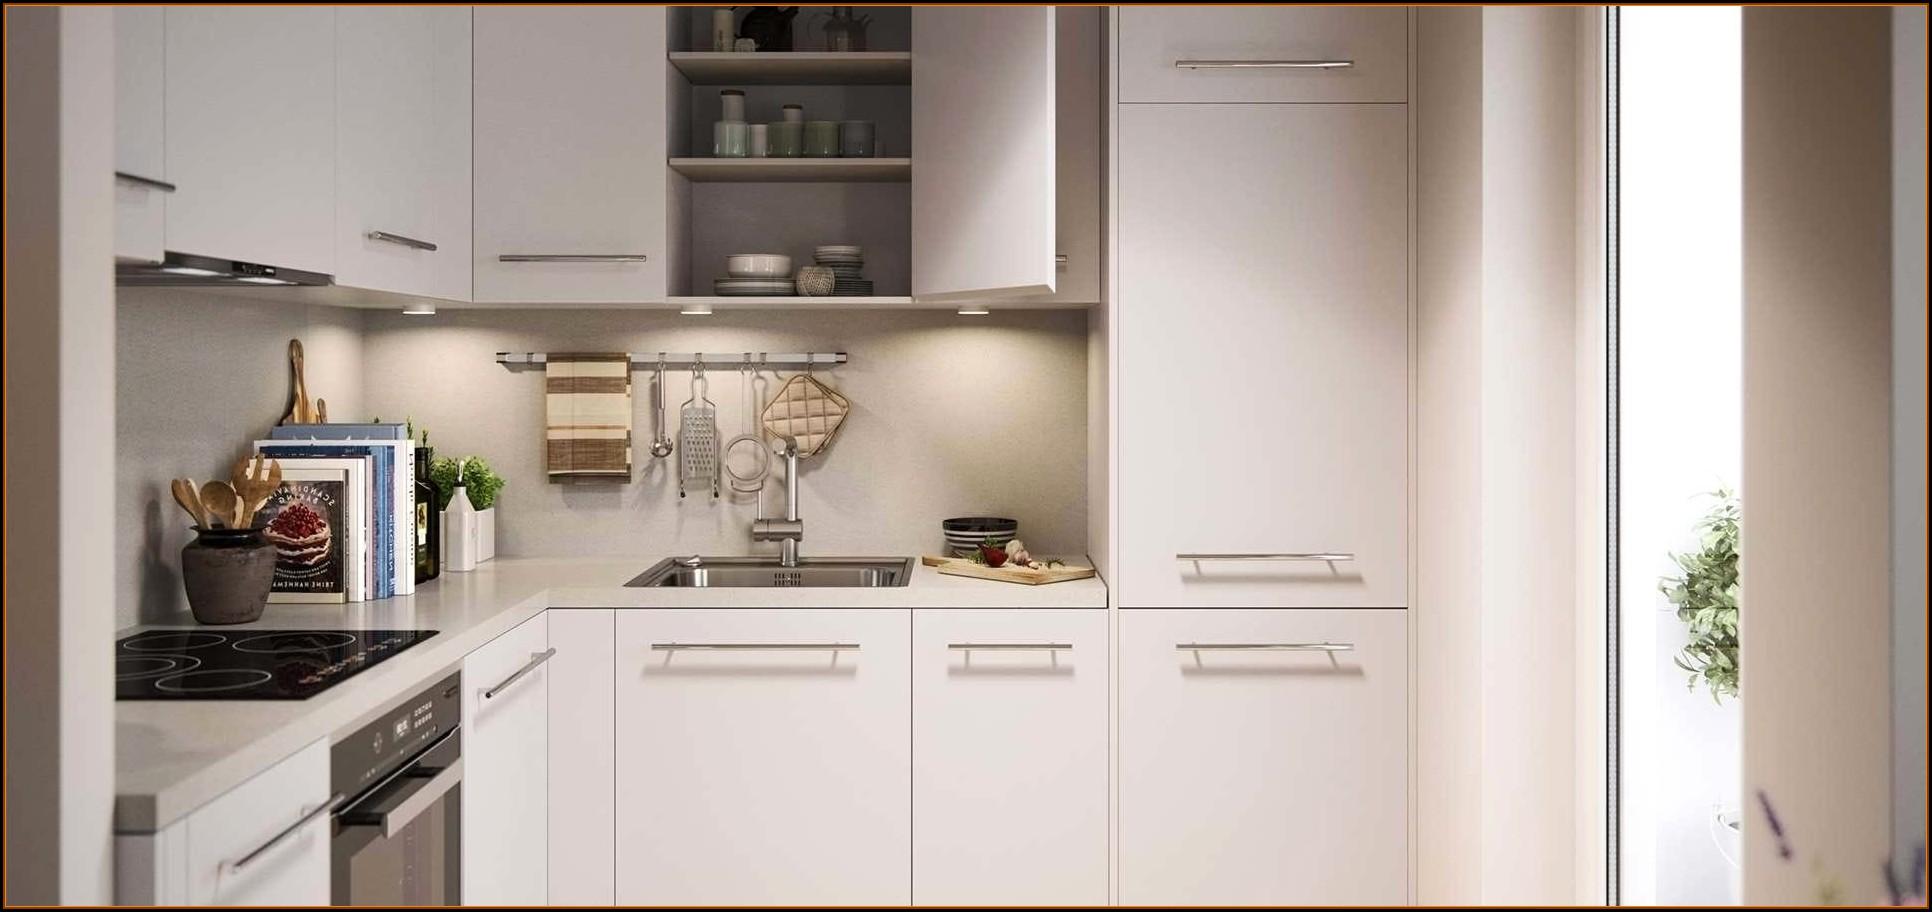 Ideen Kleine Küche Einrichten